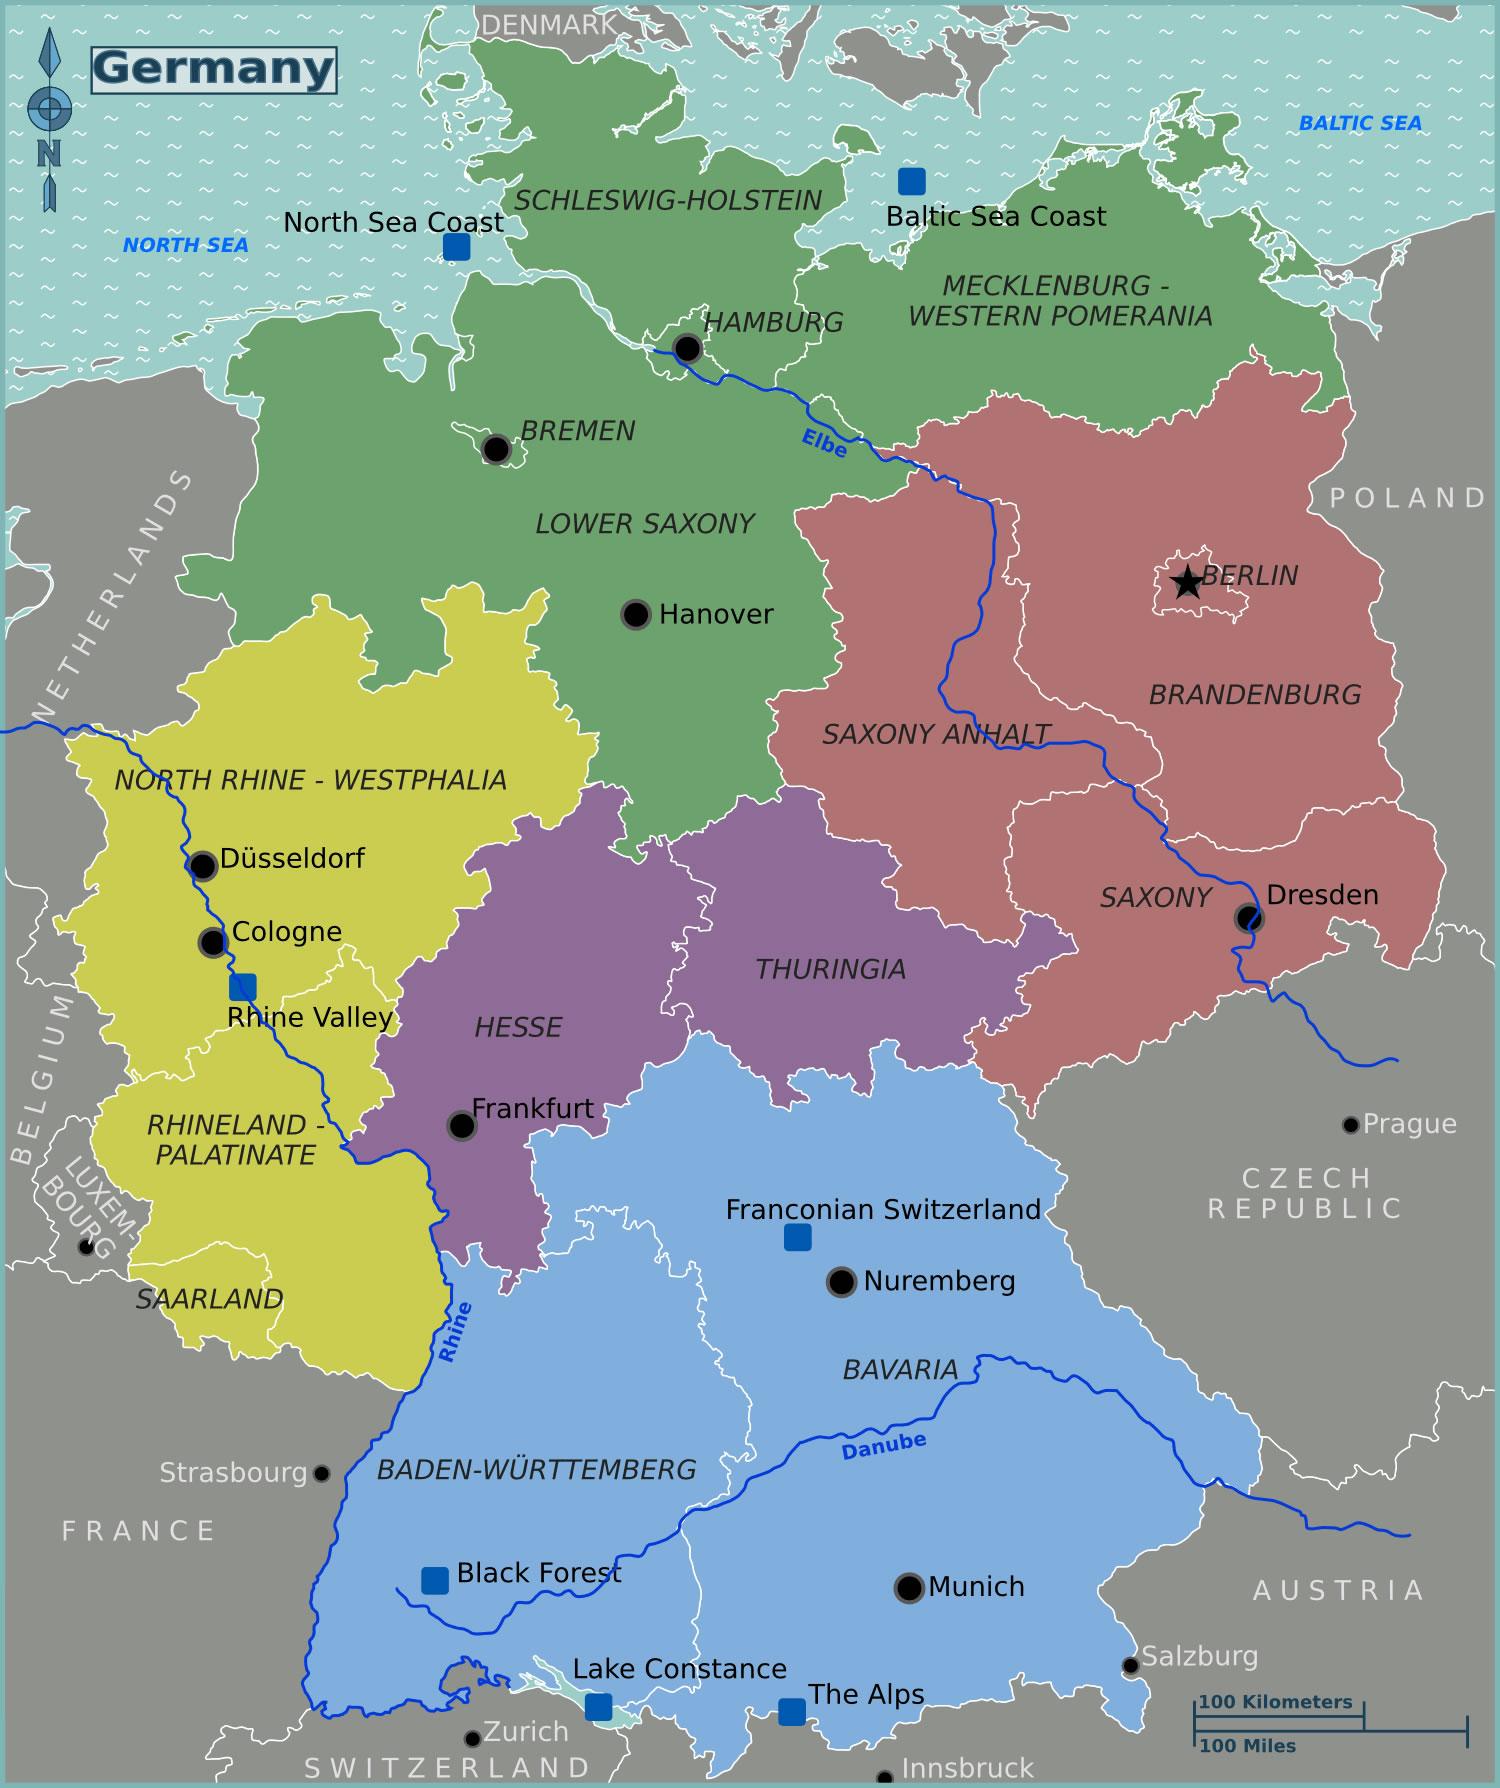 Carte Allemagne Avec Les Villes.Carte Regions Allemagne Couleur Carte Des Regions De L